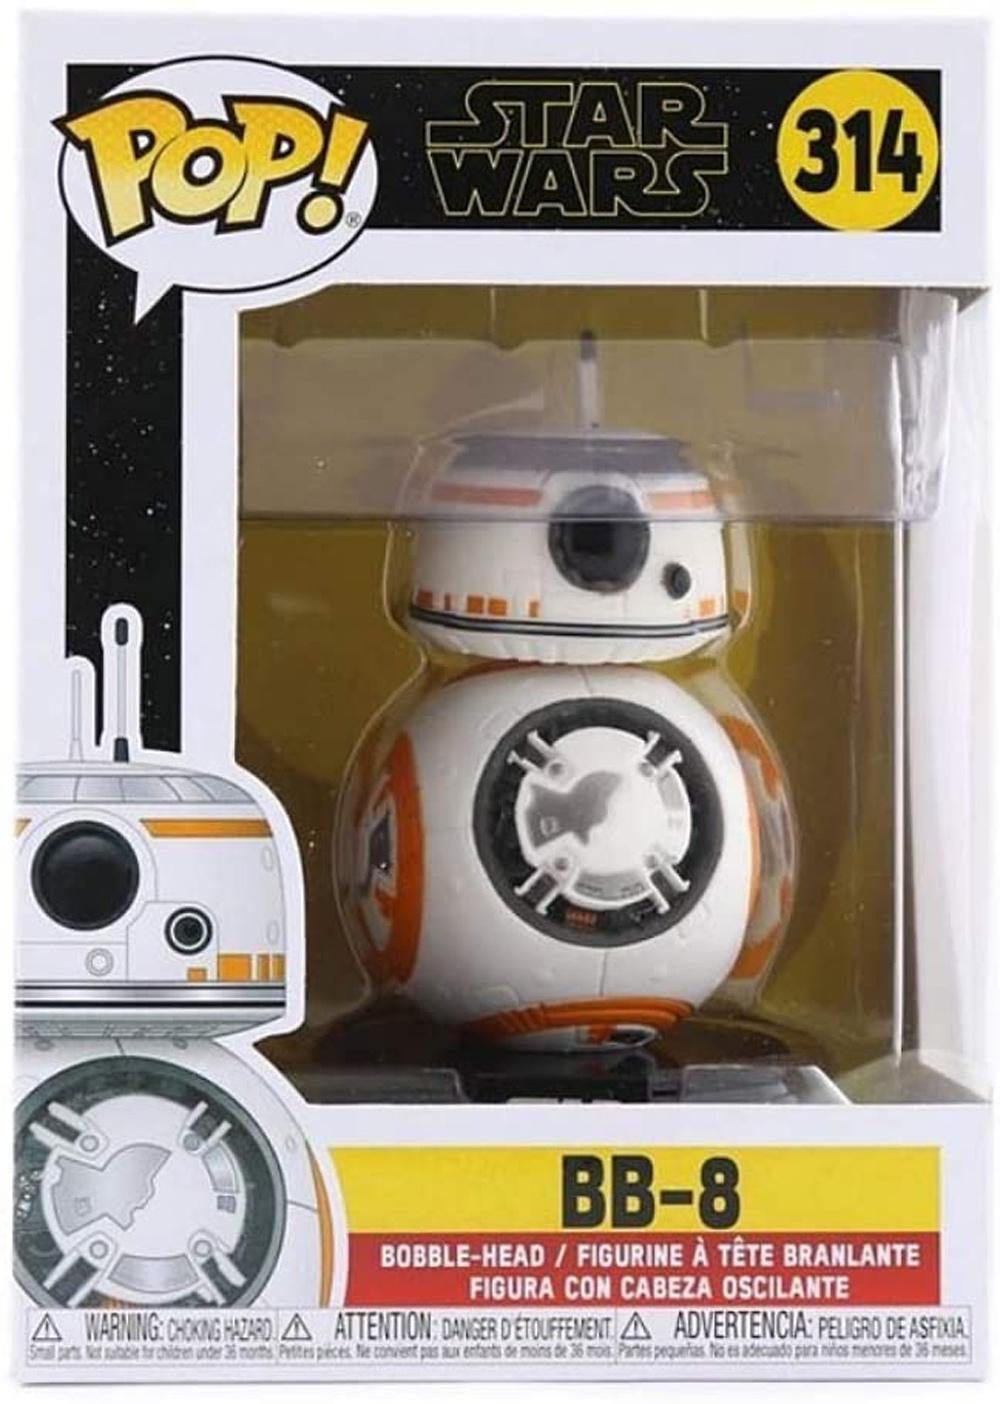 BB-8 #314 - Star Wars - Funko Pop!